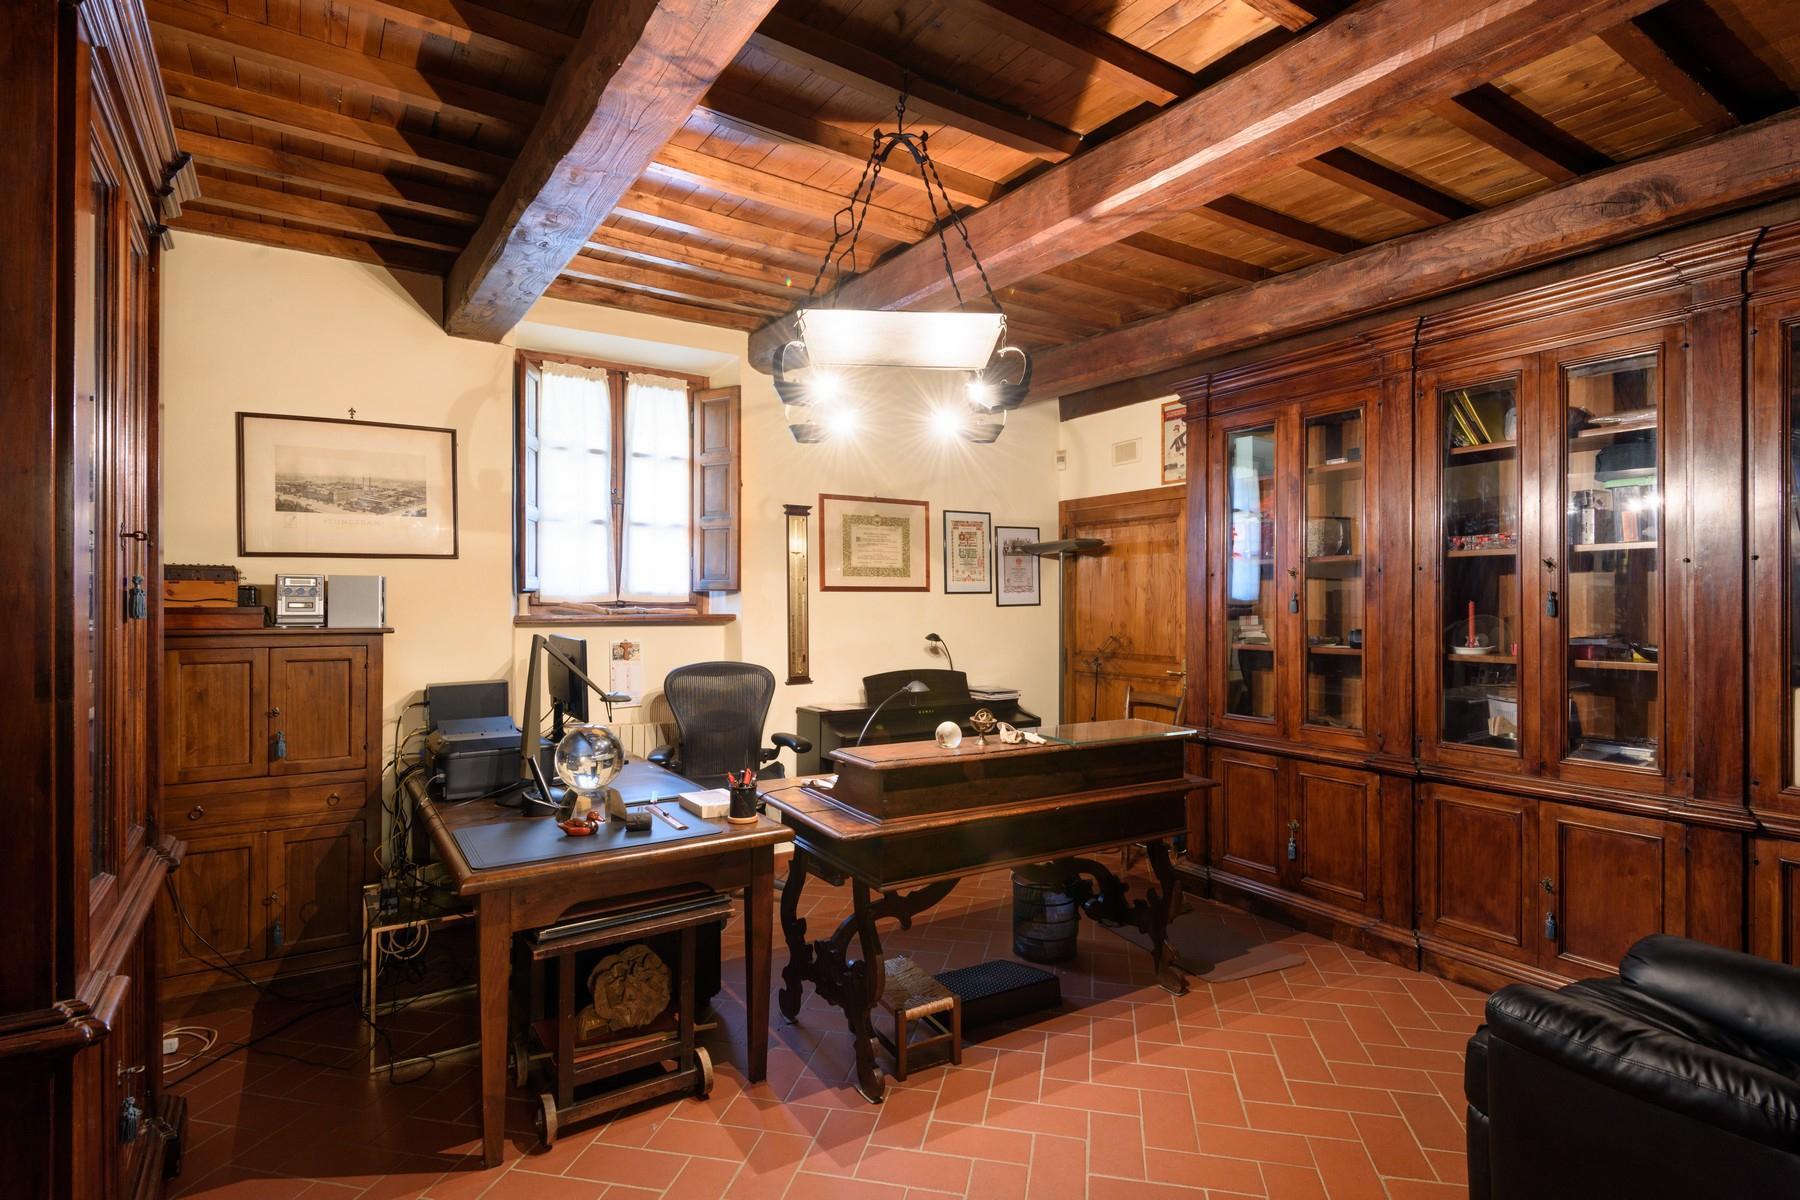 Val di Chiana中心地带10世纪的建筑 - 15